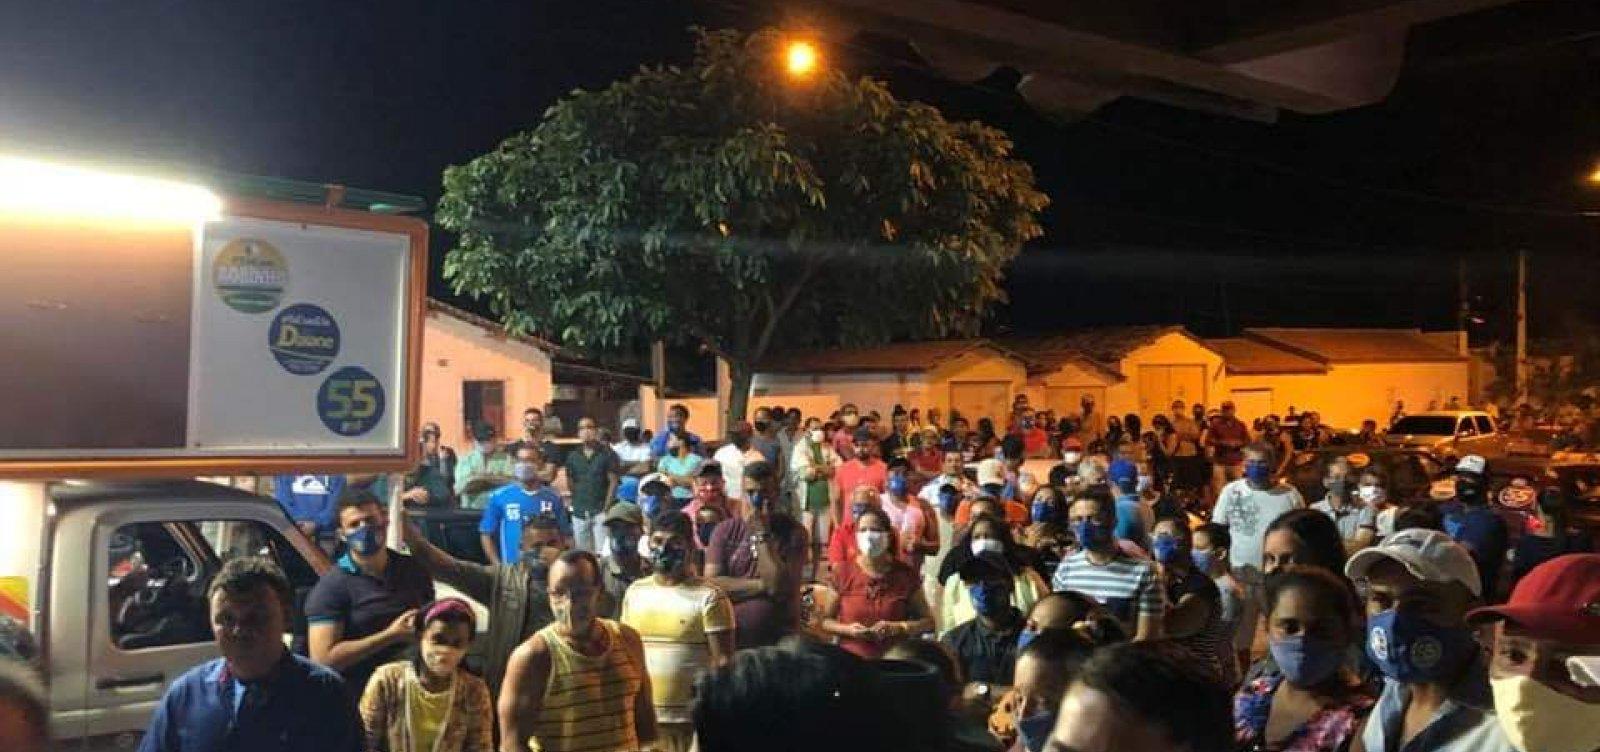 [Itatim: Evento político com participação do prefeito aglomera pessoas]